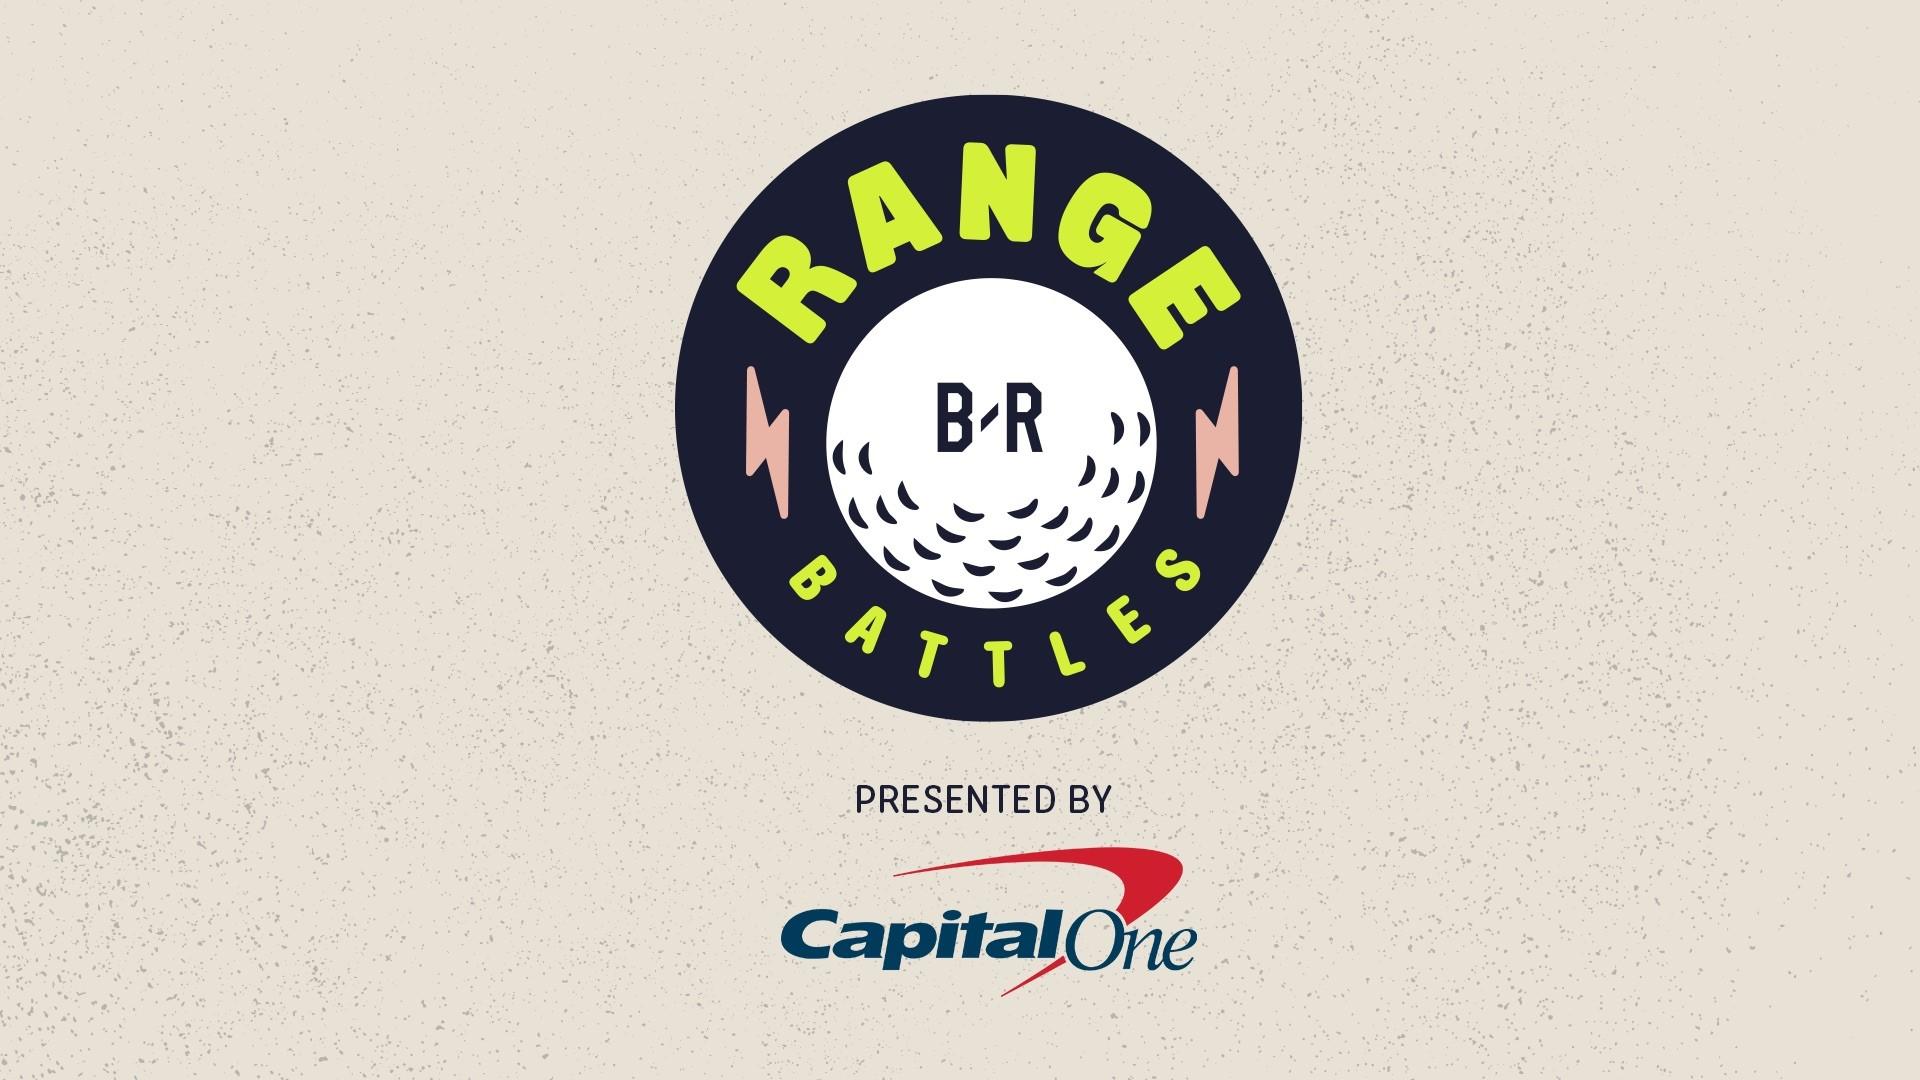 RangeBattles